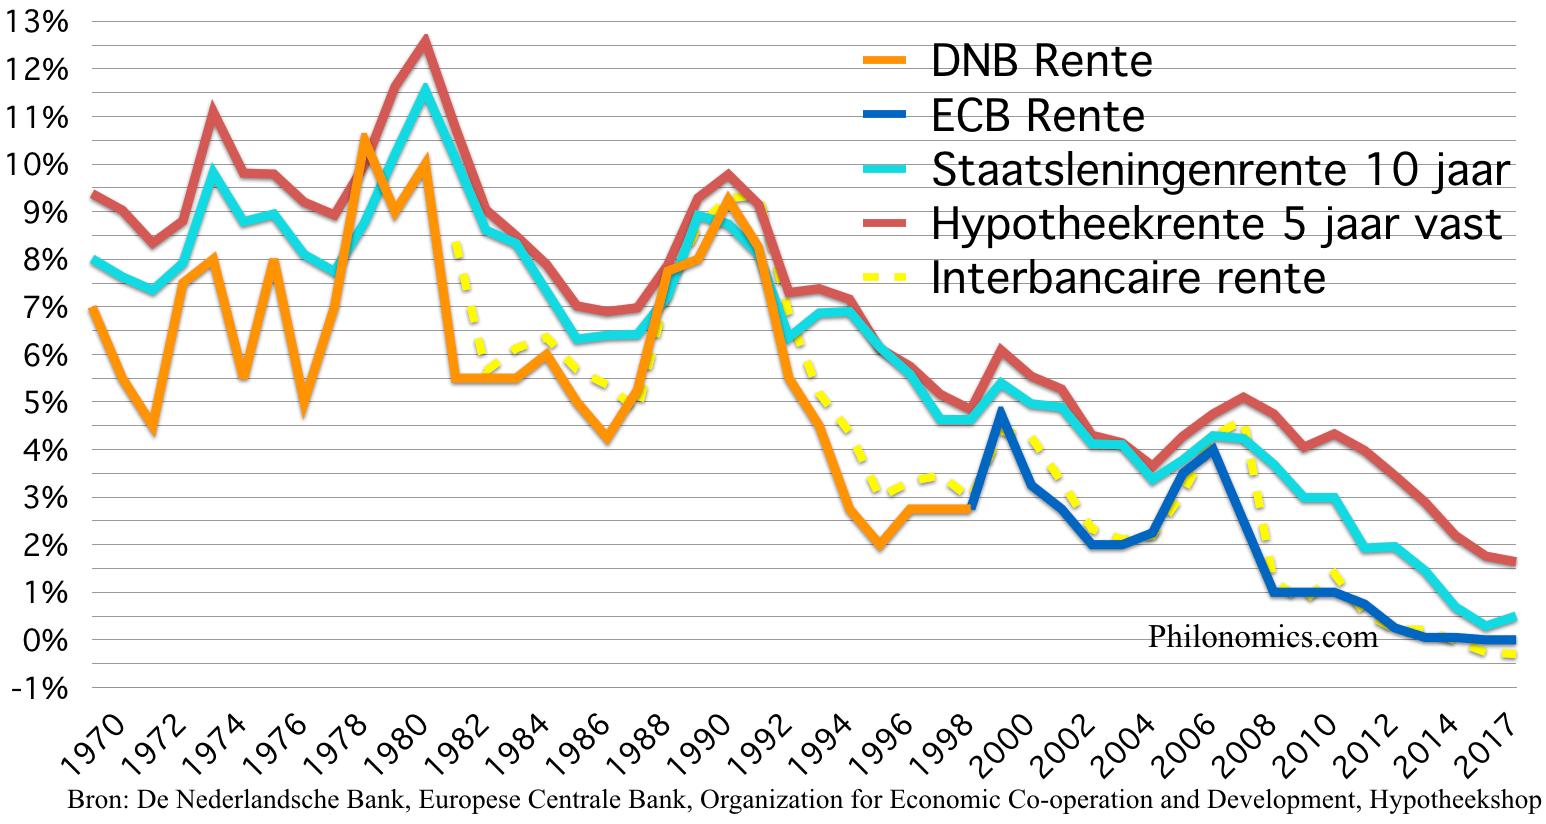 Renteoverzicht Nederland 1970 - 2017